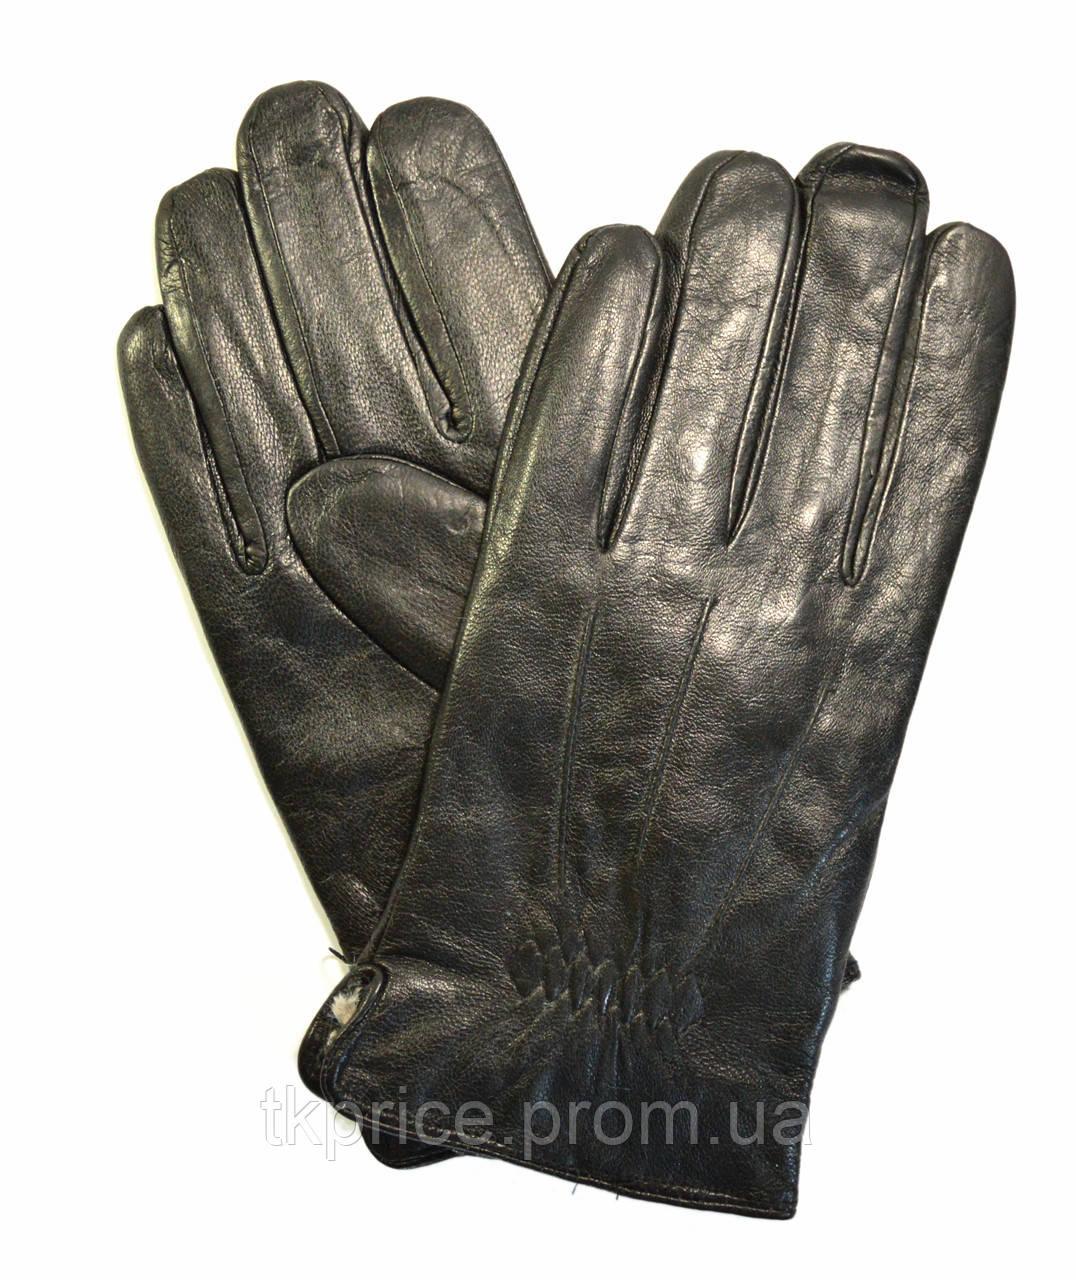 Мужские кожаные перчатки  на меху кролика